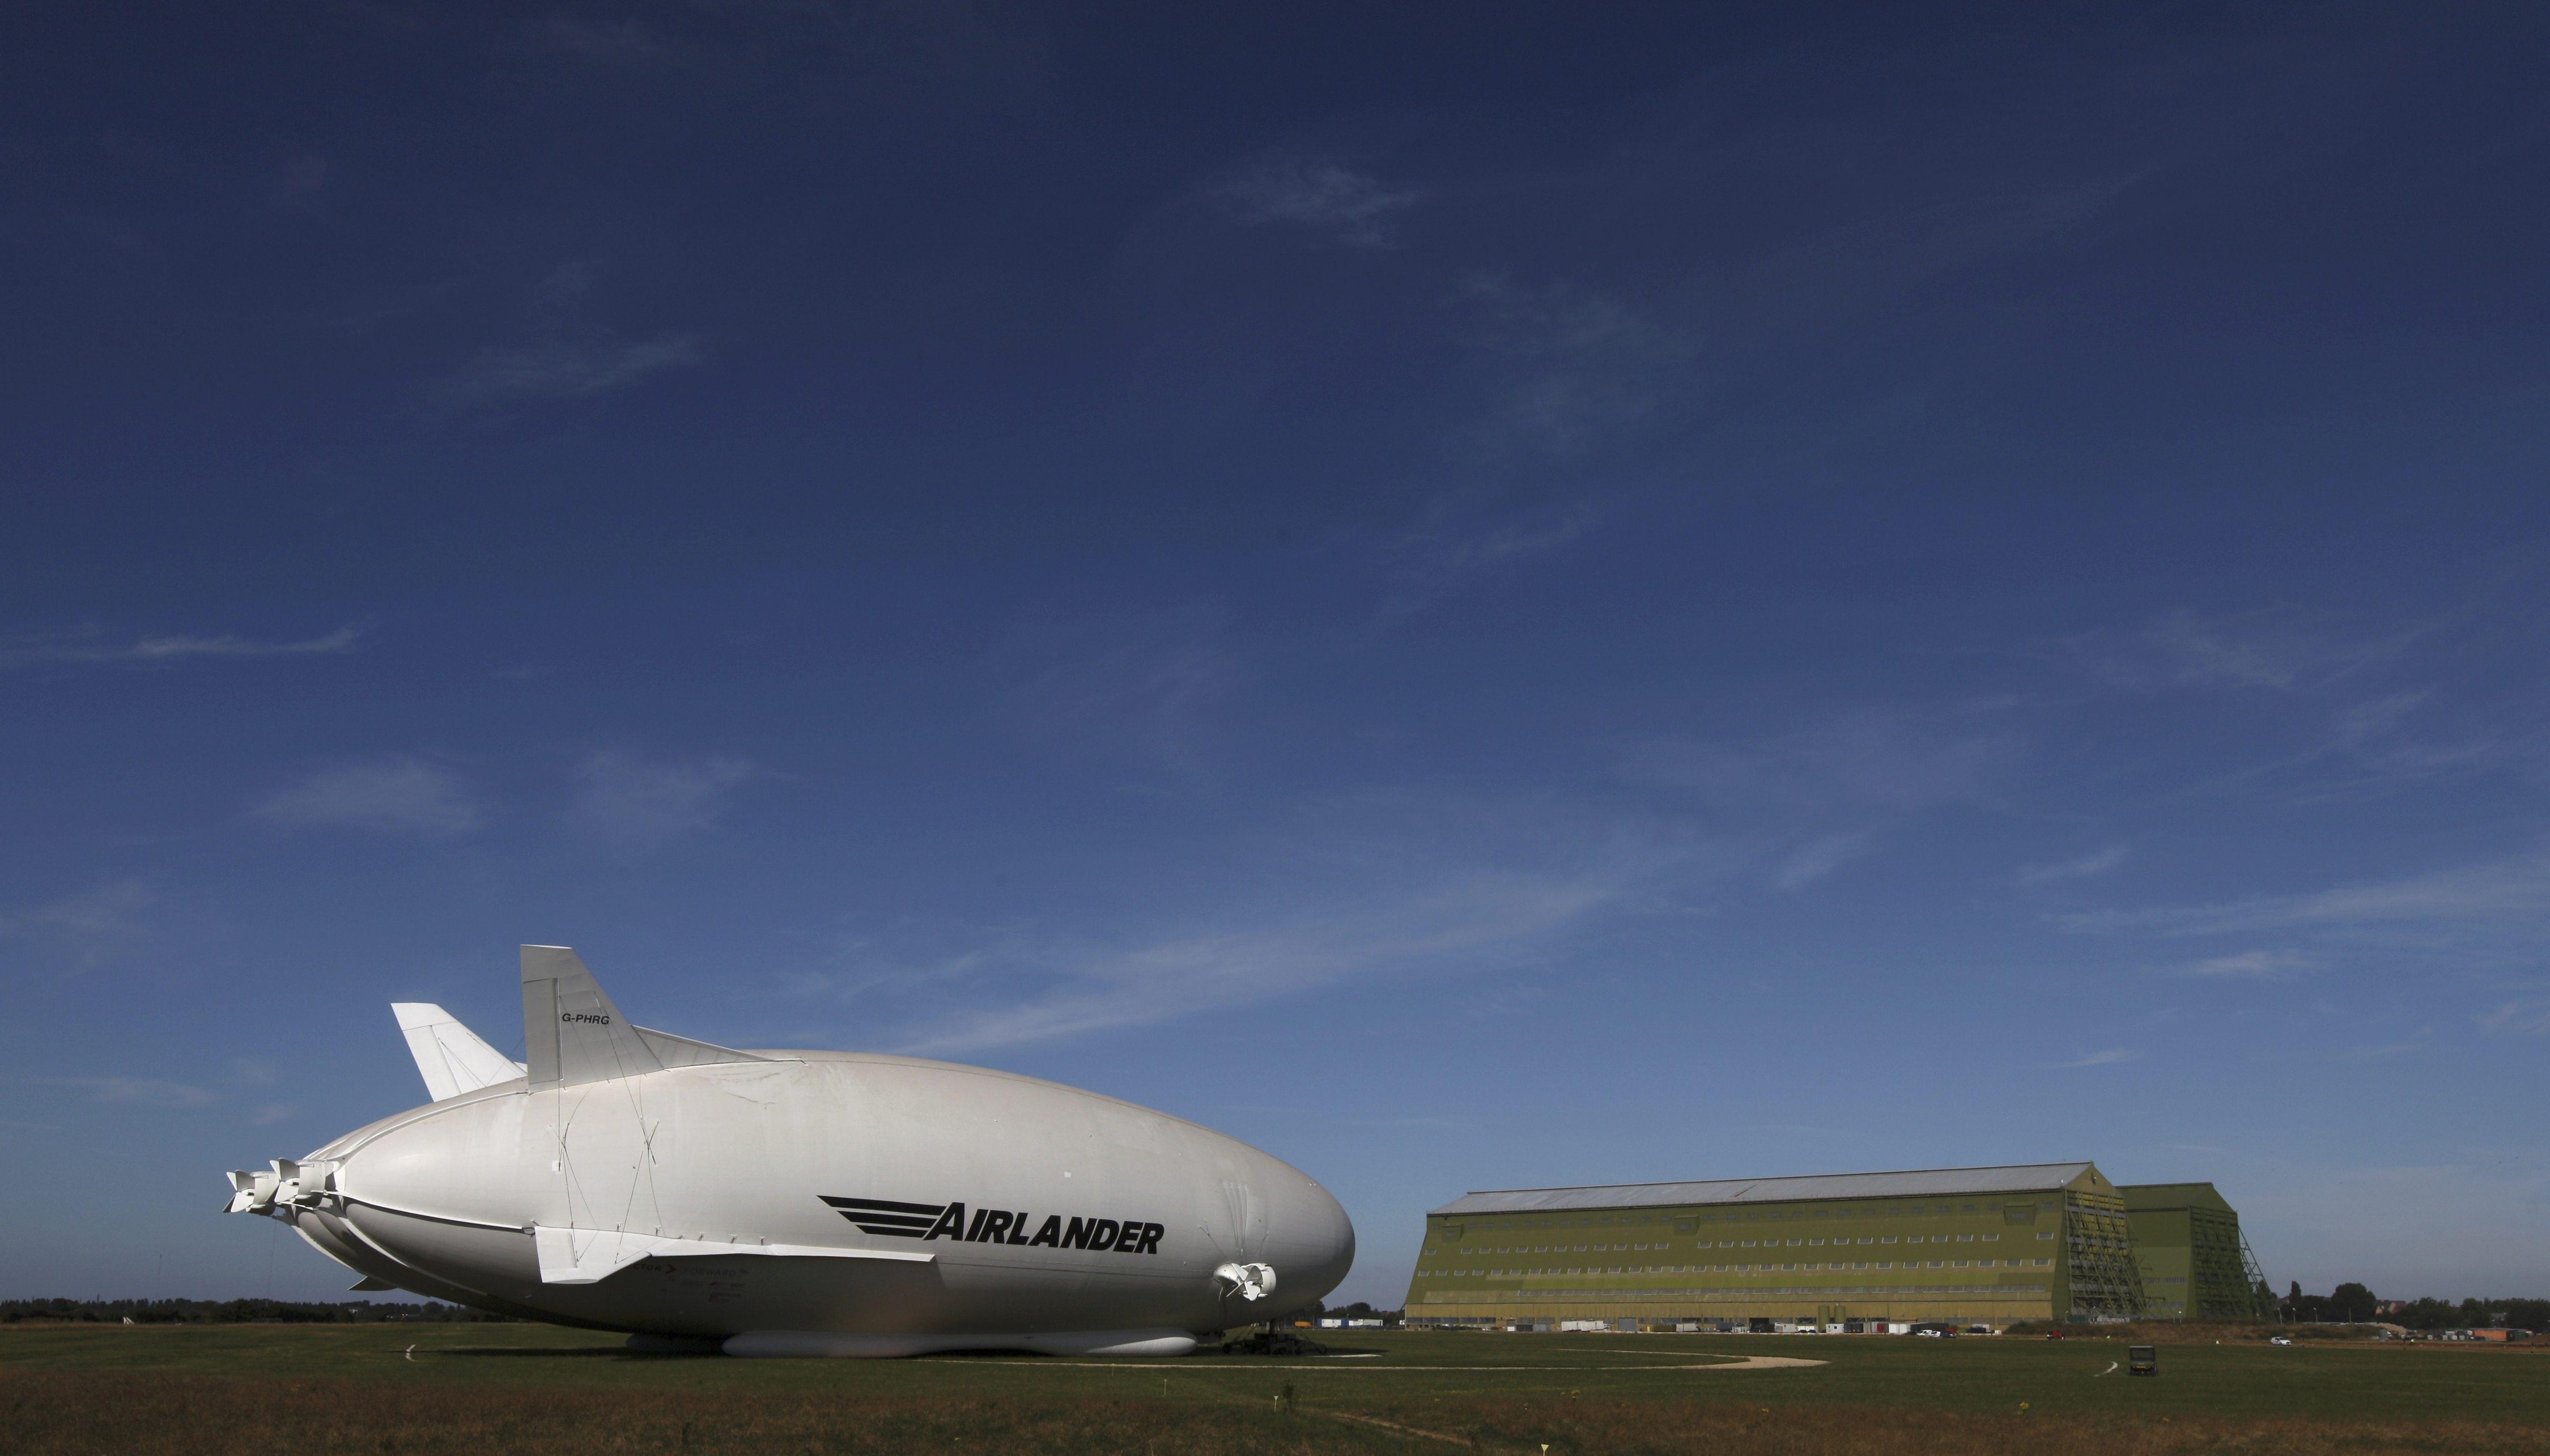 Airlander 10 có 4 động cơ cánh quạt, 2 động cơ gắn ở đuôi và 2 động cơ gắn ở phía trước, nhằm tạo thêm lực nâng và đẩy cho máy bay hoạt động. Nó có thể chở được khoảng 48 hành khách hoặc 10 tấn hàng hóa.